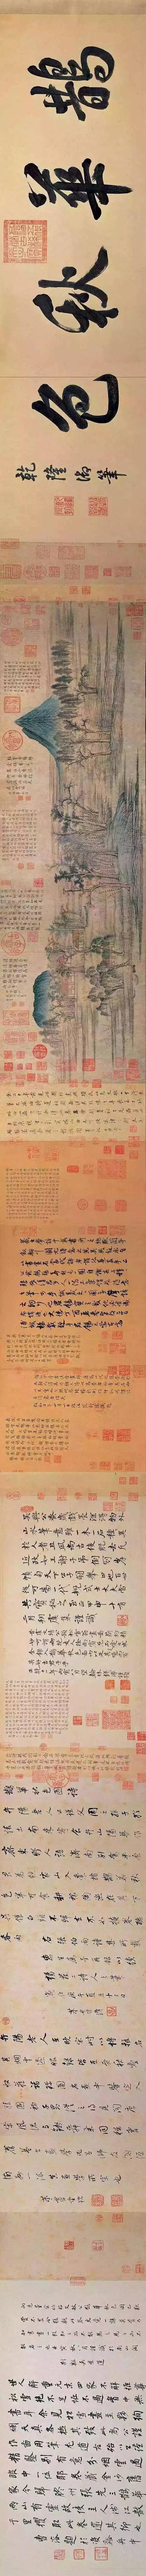 元 赵孟頫《鹊华秋色图》